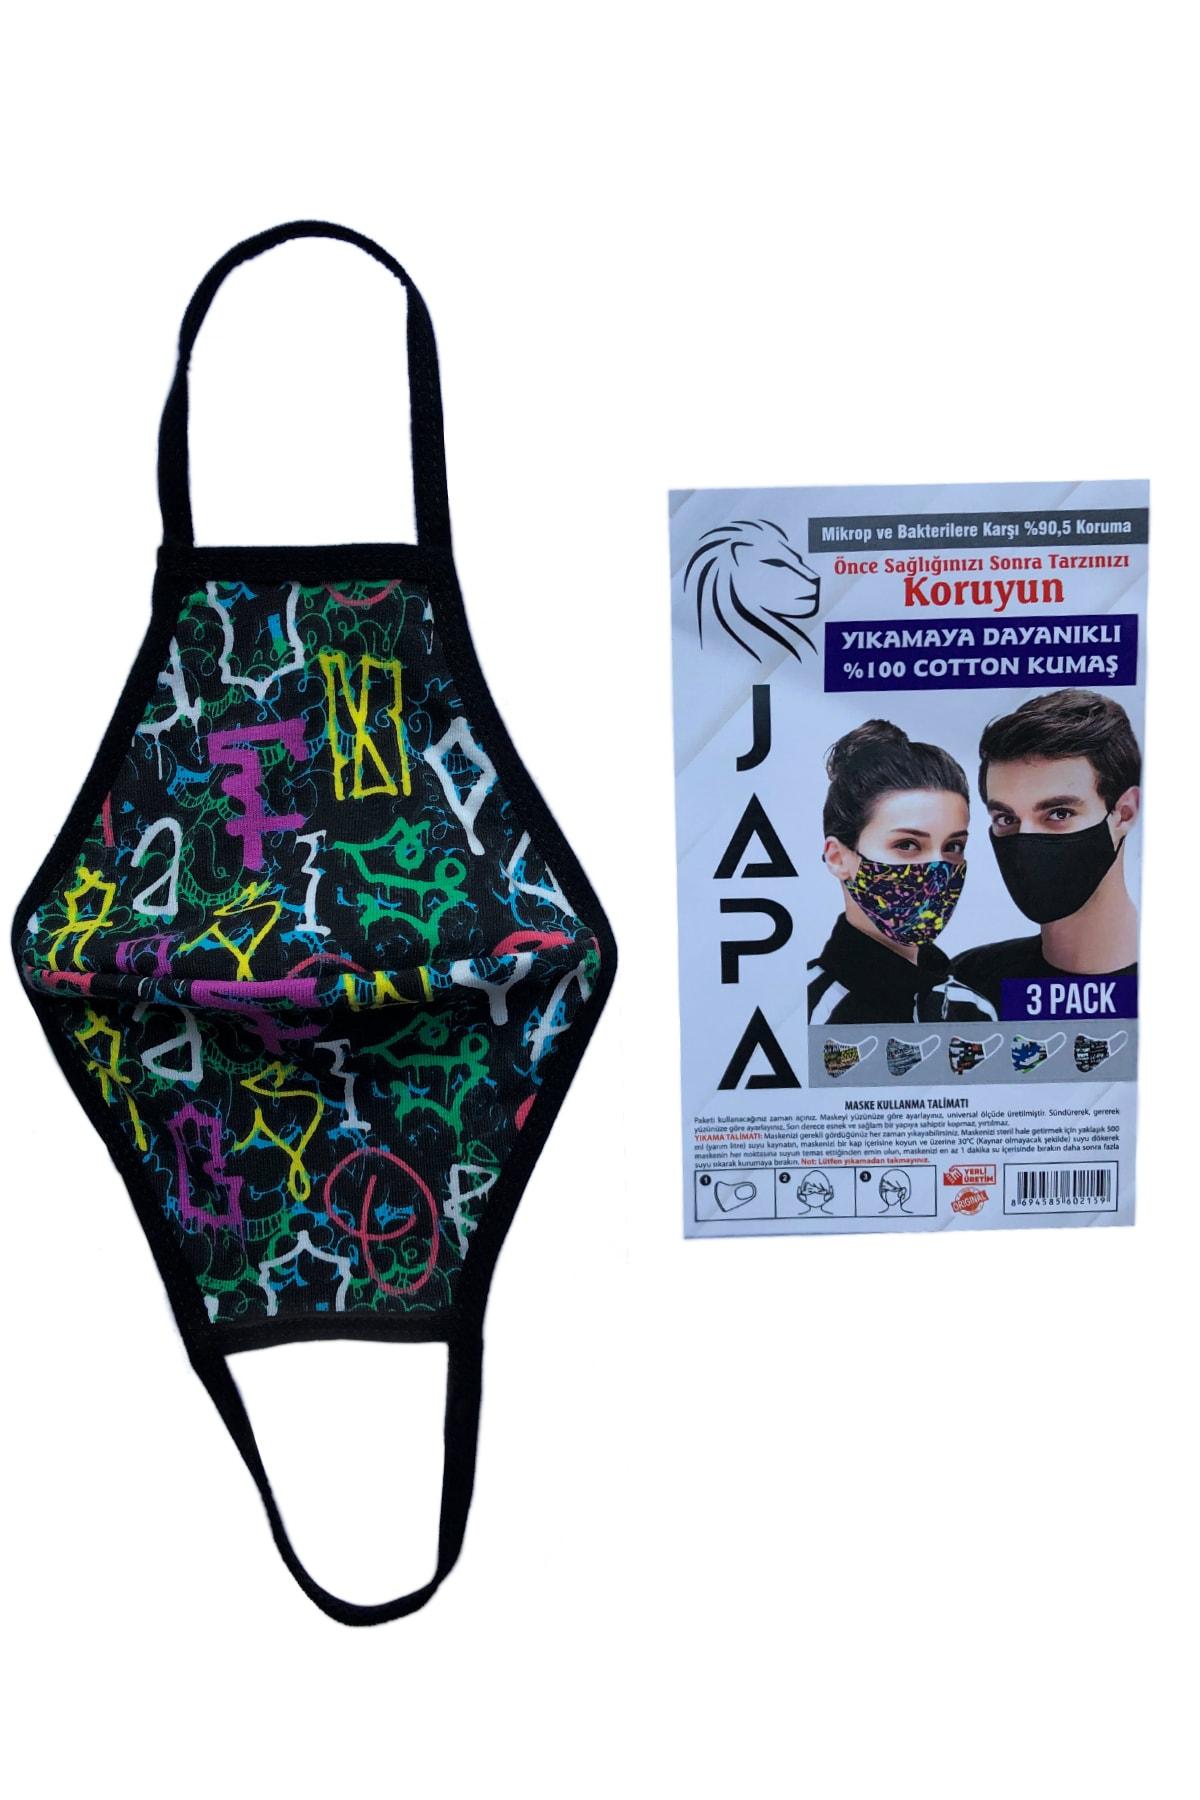 Özel Yapım JAPA 3 Katlı Yıkanabilir 3 ADET Maske... Mikrop ve Bakterilere Karşı %90.5 Koruma 2